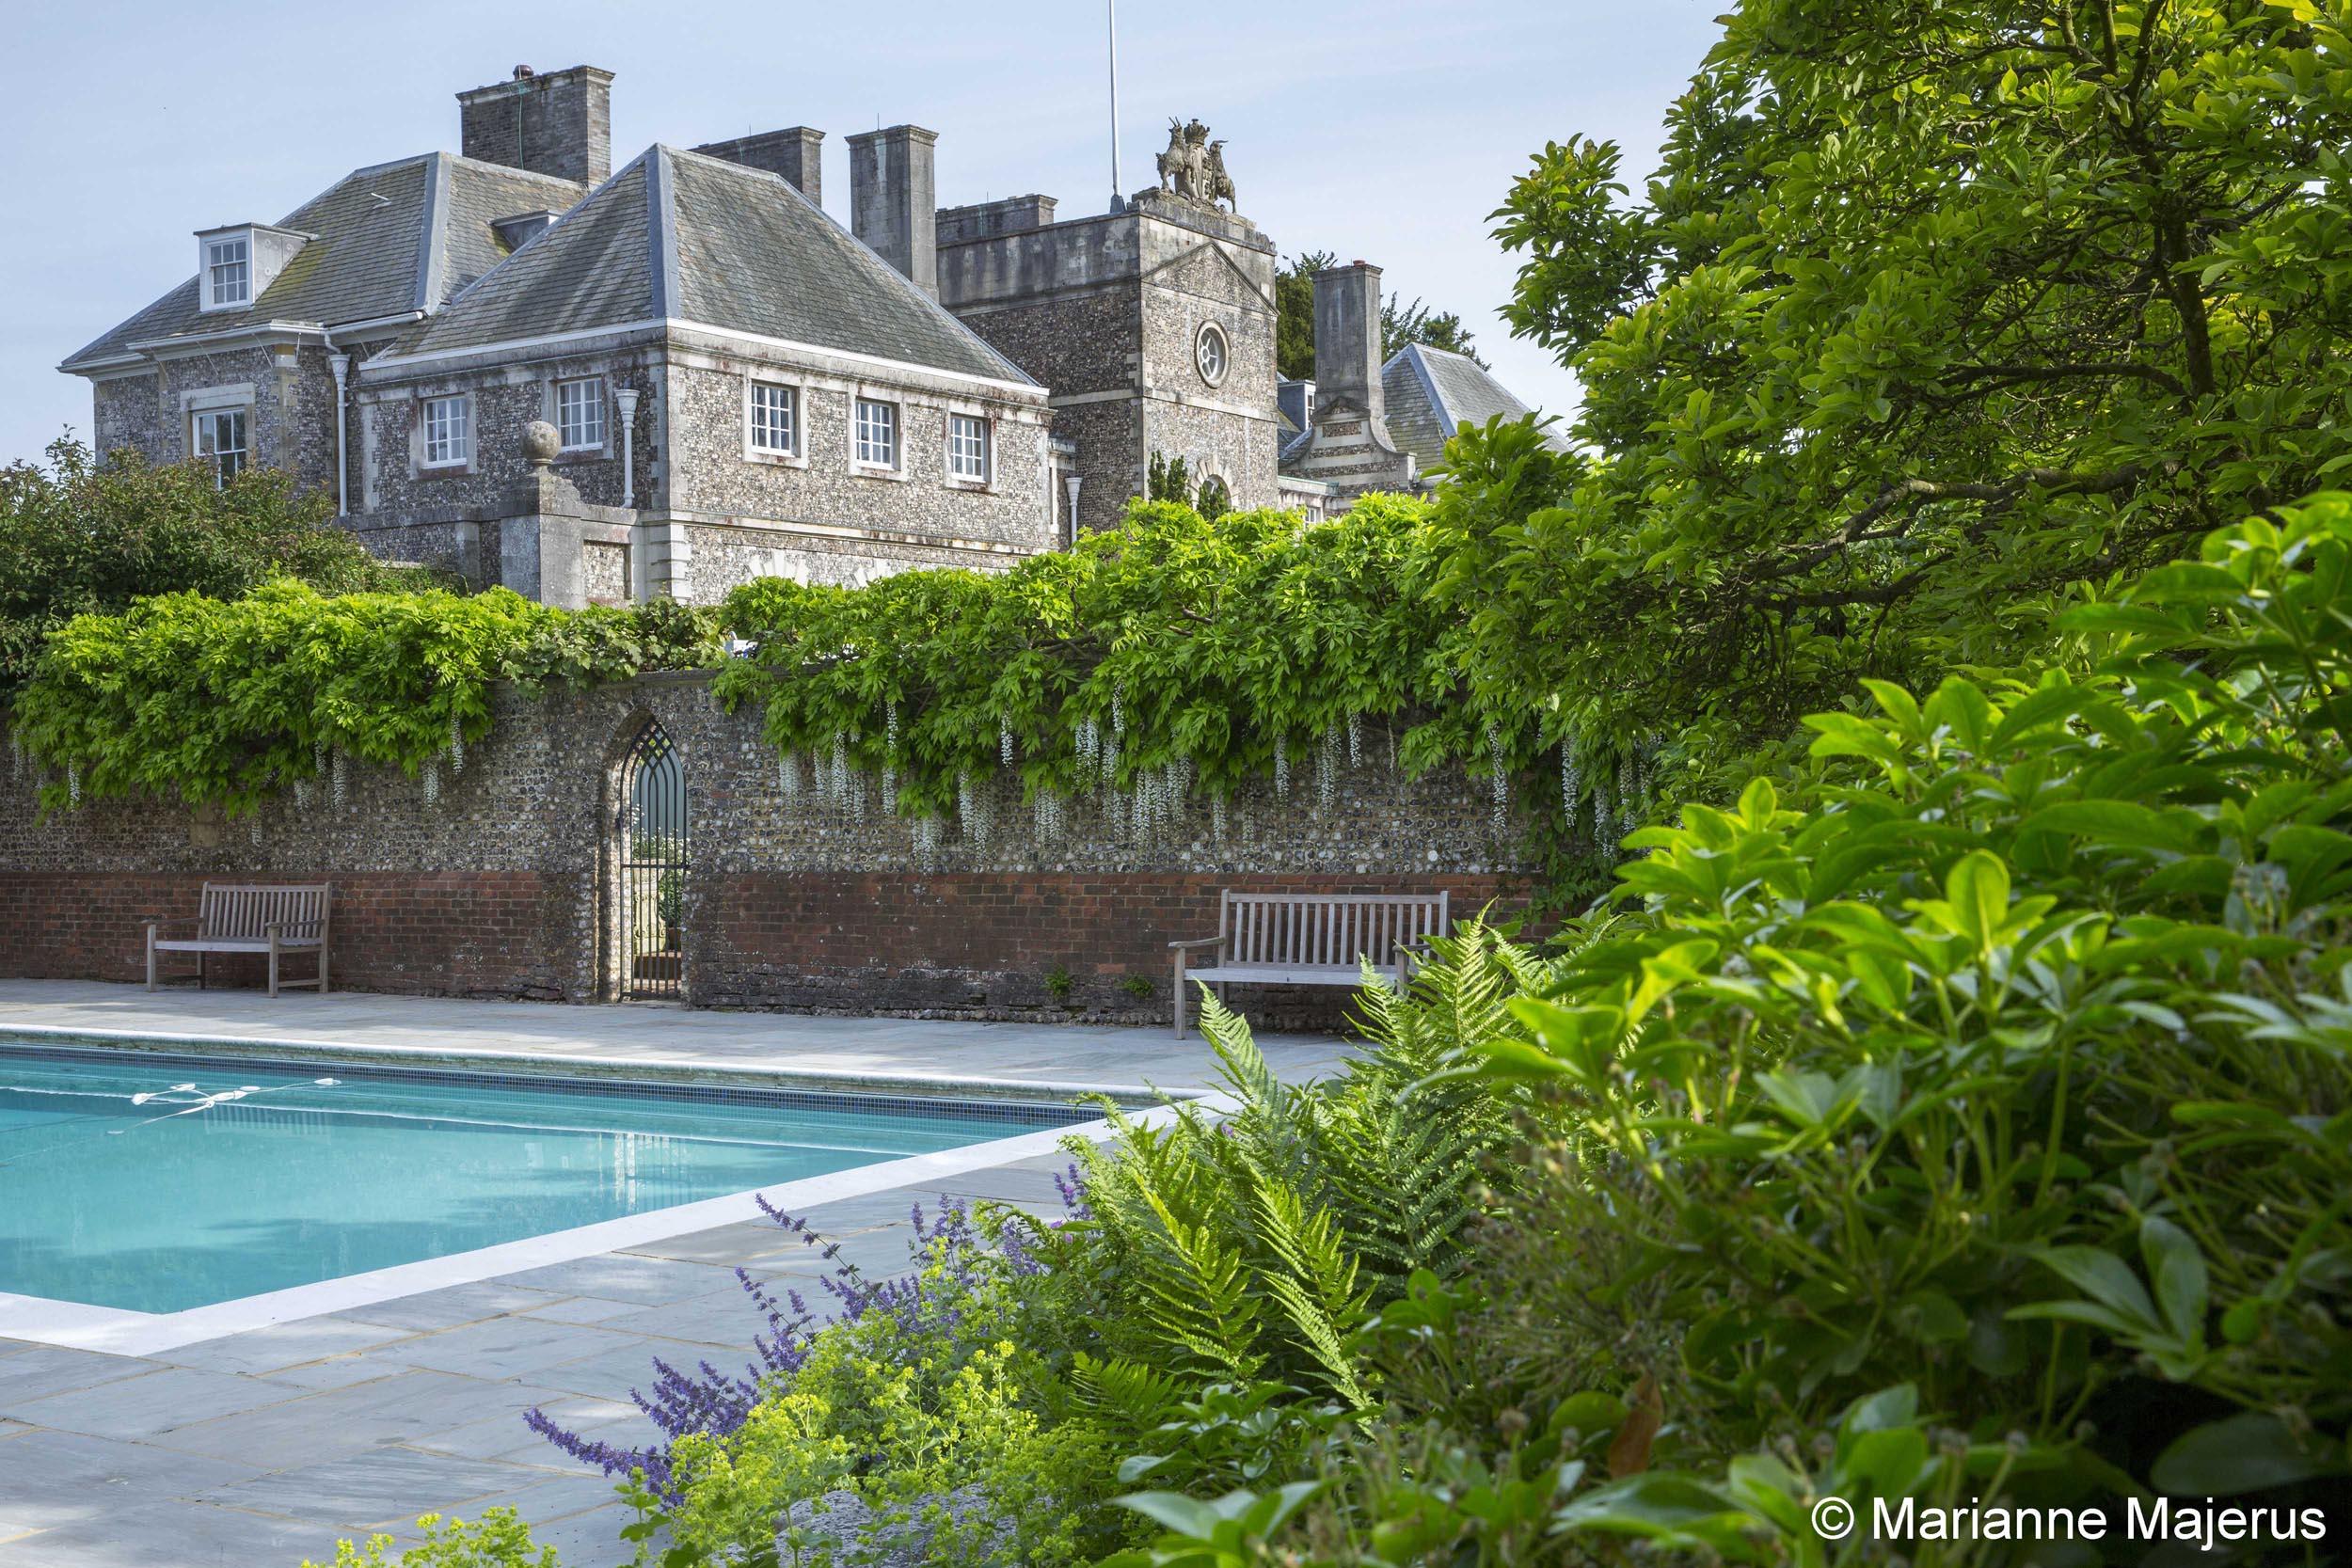 Farleigh Wallop, Masterpiece Estates